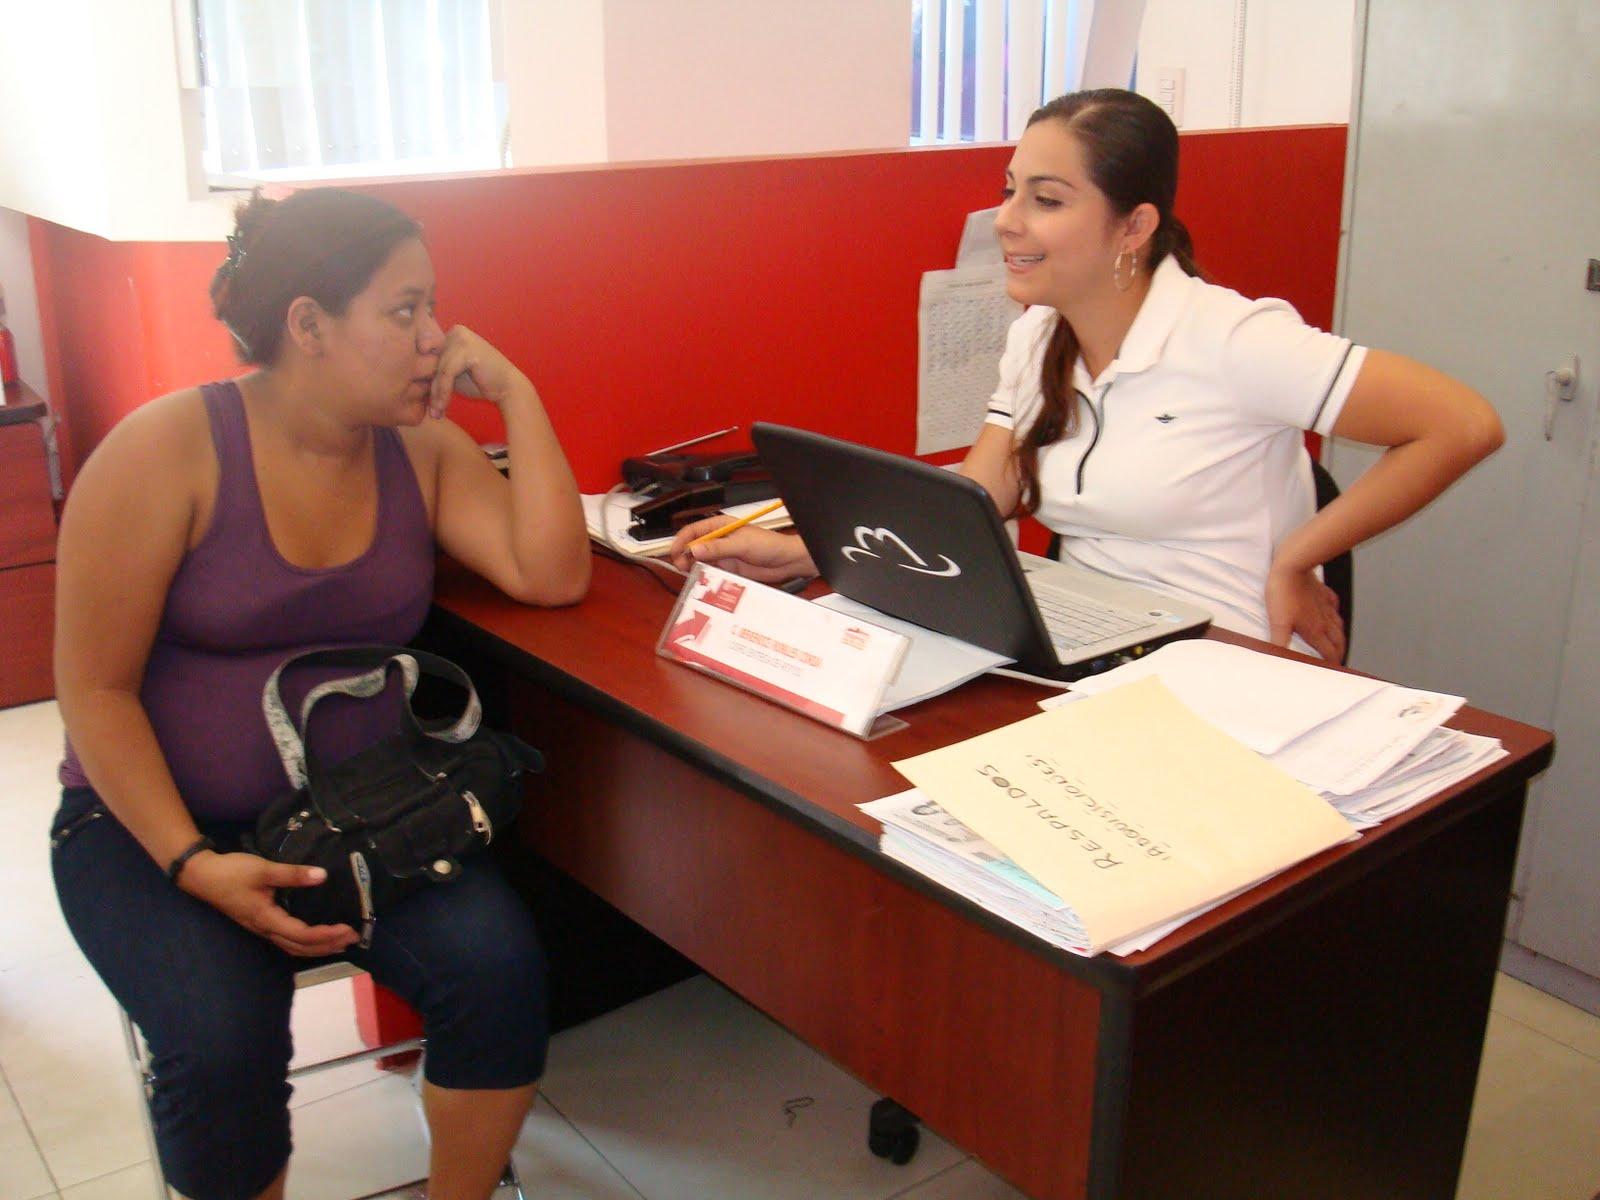 Retroviso oficina de atenci n a la gente de tepic trabajar en semana santa - Oficinas de atencion a la ciudadania linea madrid ...